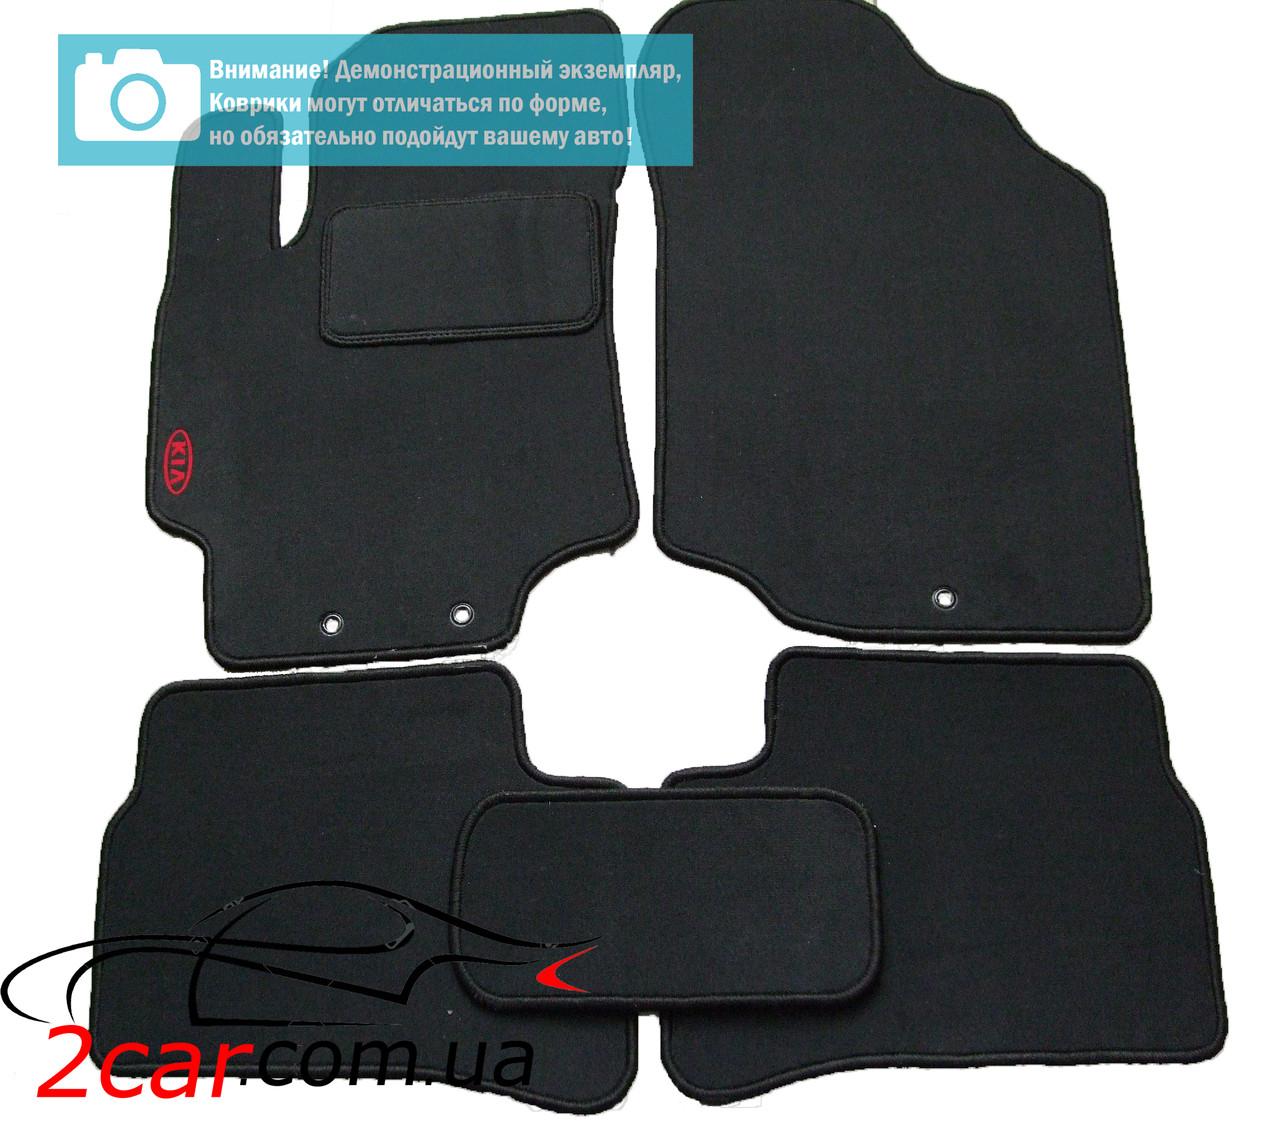 Текстильные коврики в салон для ВАЗ 21099 (чёрный) (StingrayUA)